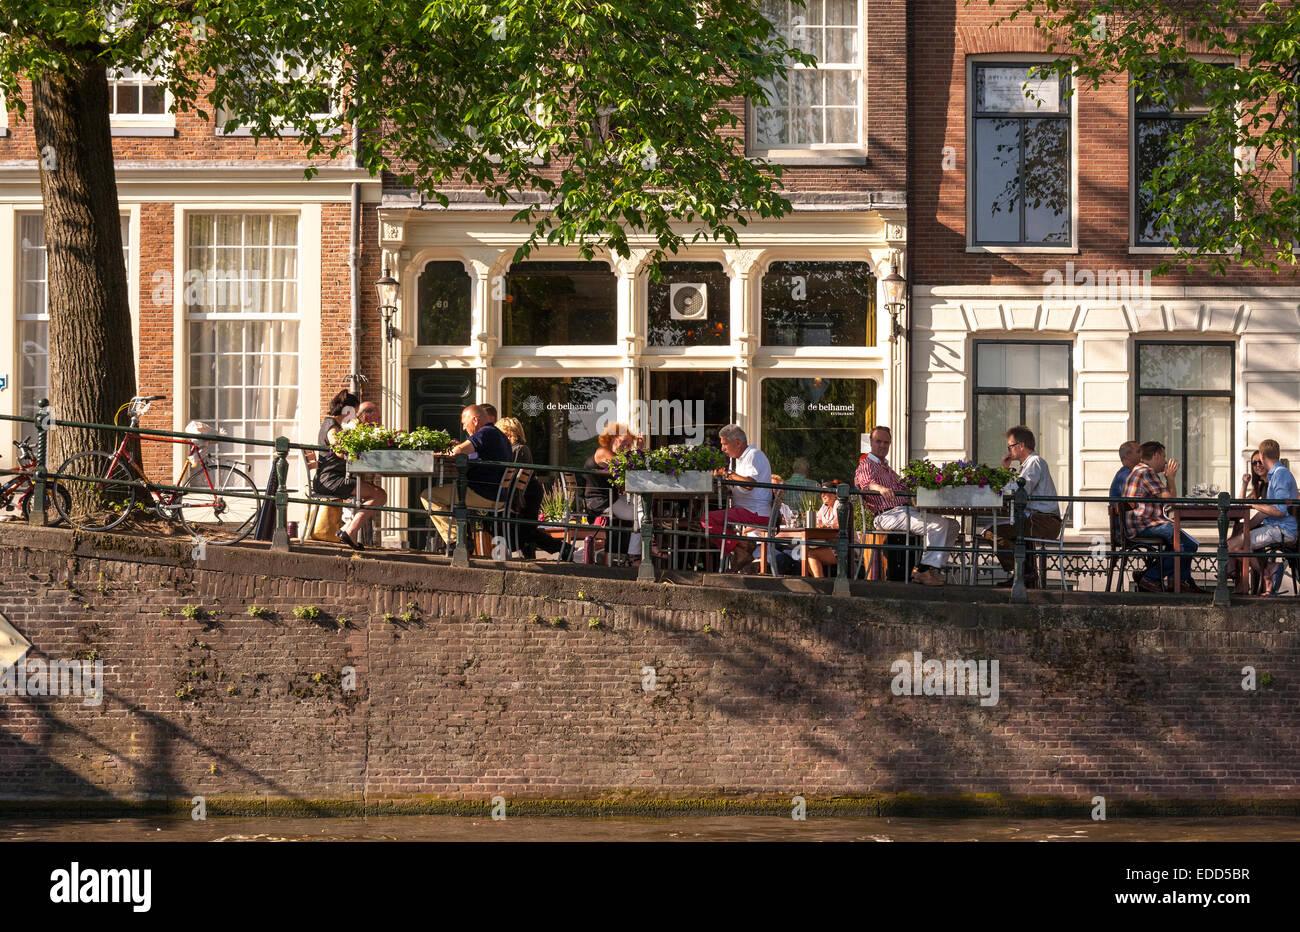 Restaurant De Belhamel sur le Canal Brouwersgracht dîner à la terrasse extérieure donnant sur l'Herengracht Photo Stock